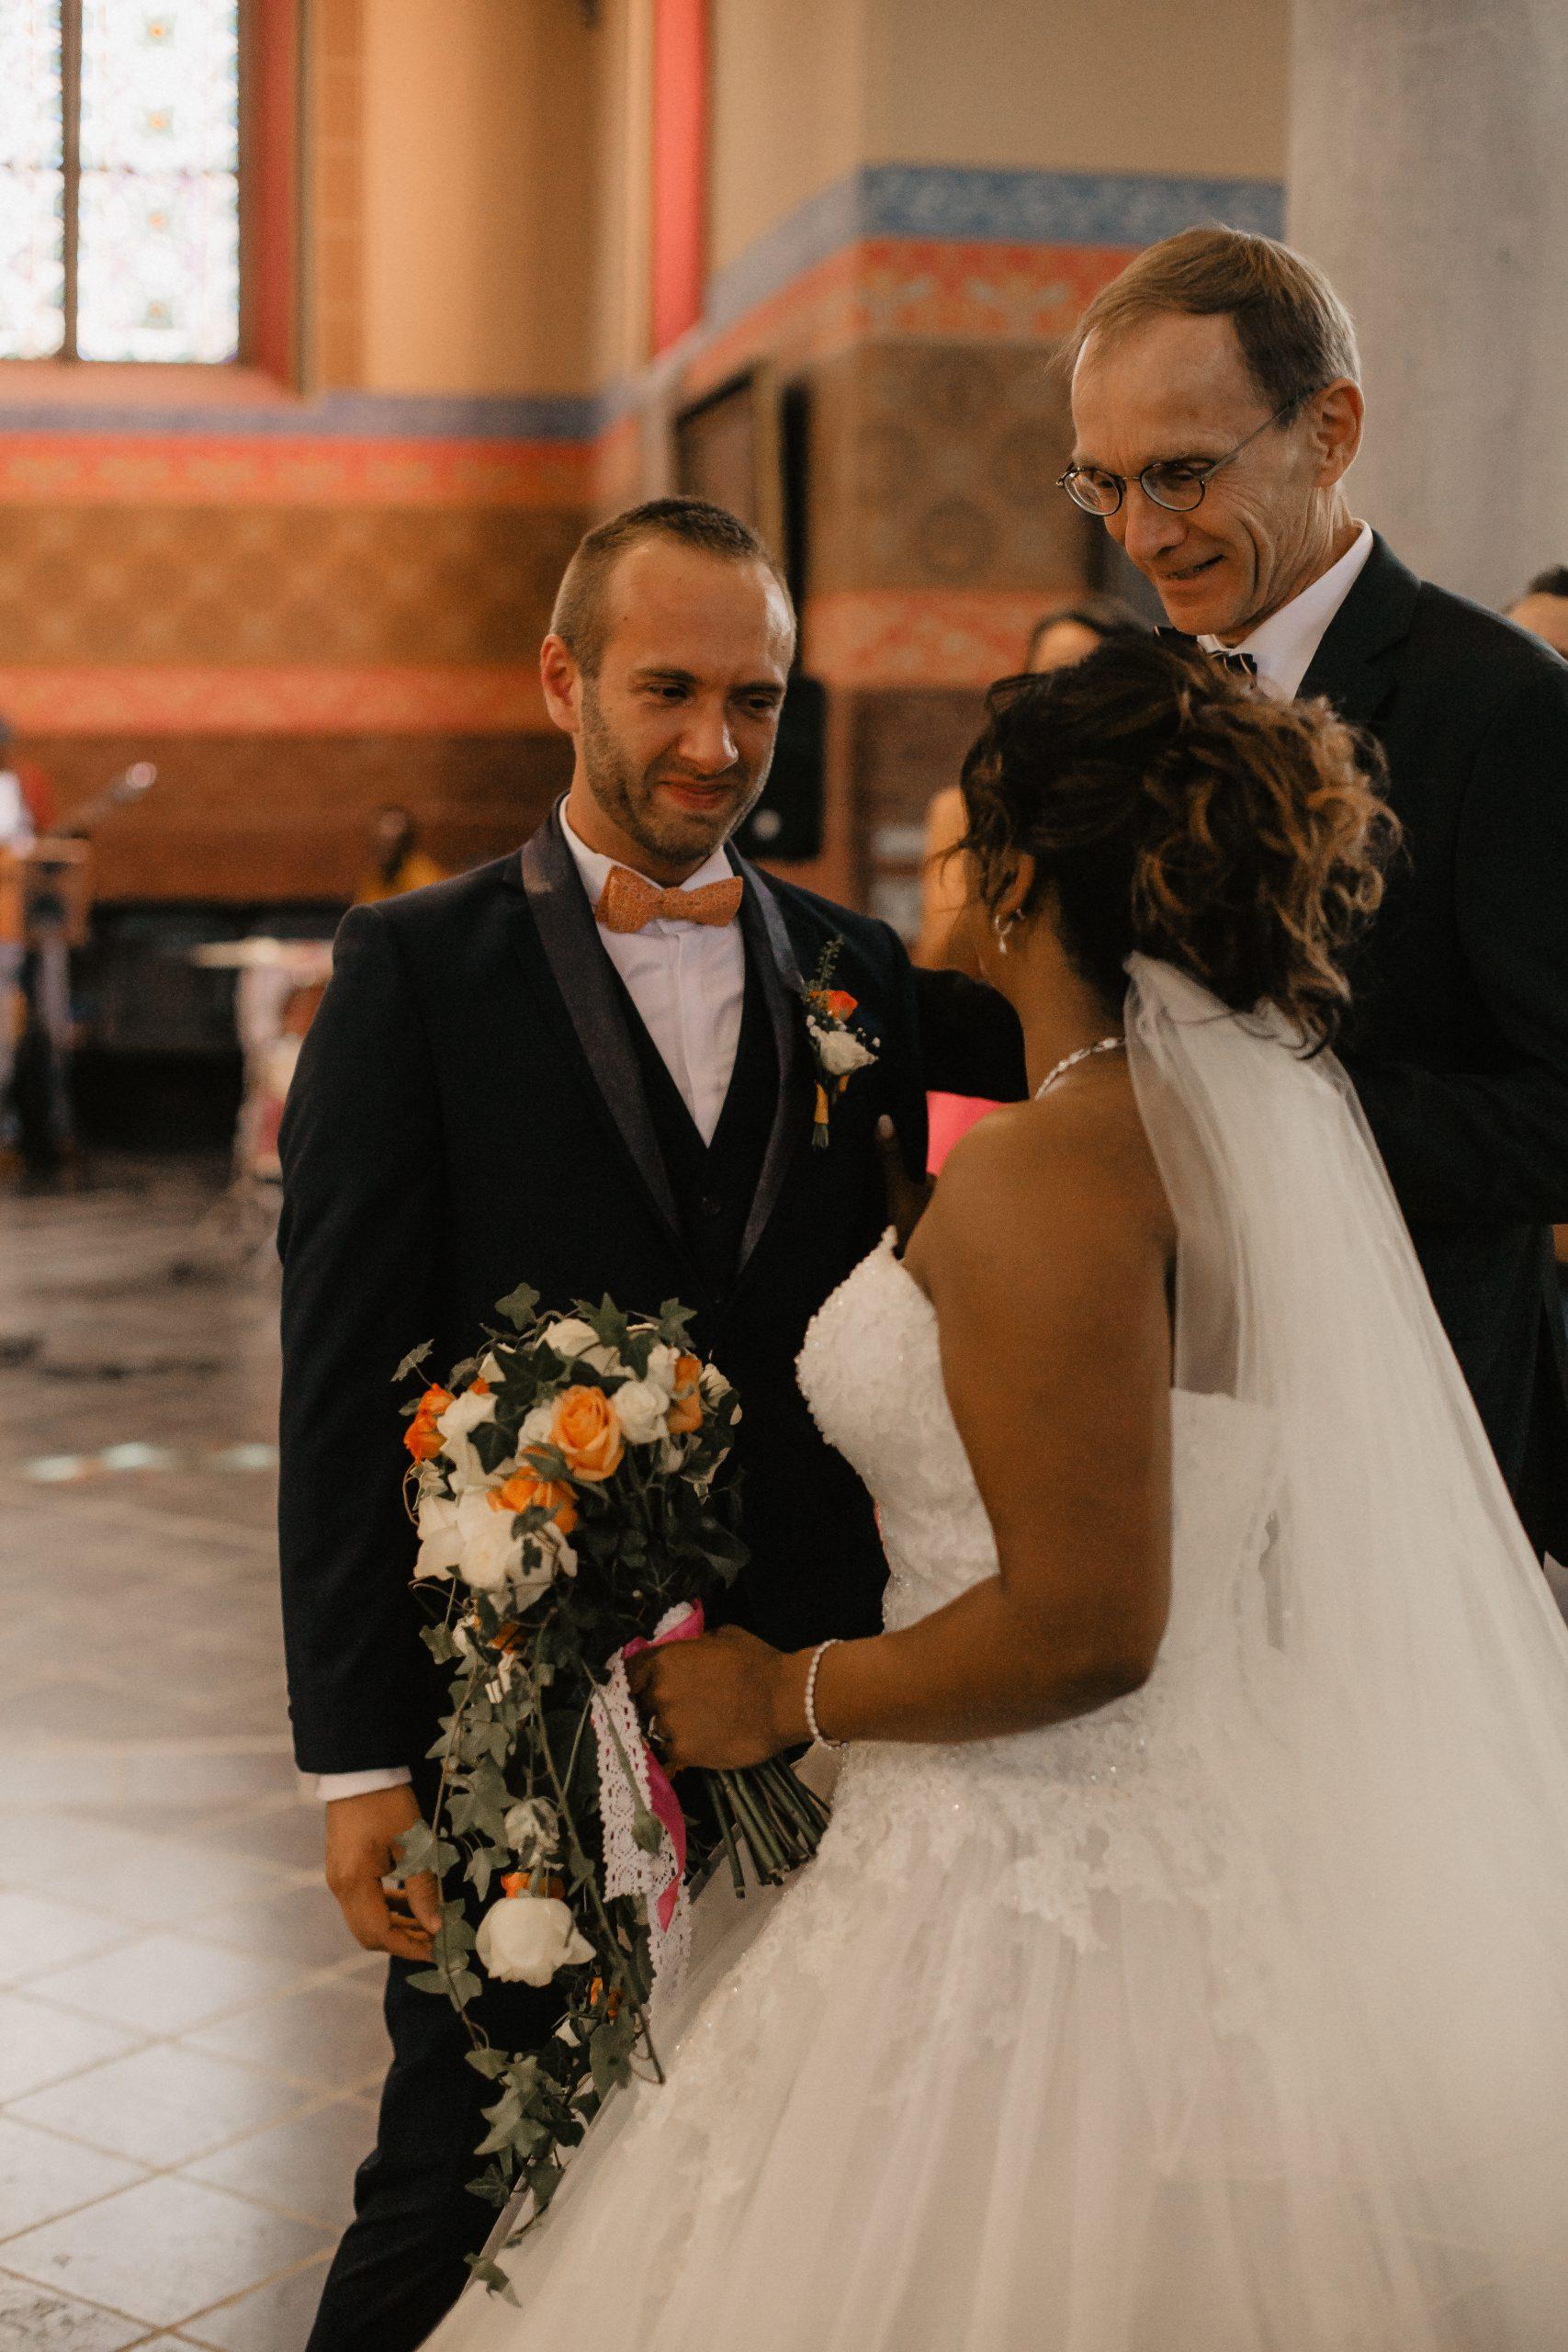 Mariage-Virginie M. Photos-couple-photos-union-amour-Croix-photographe Lille (77)